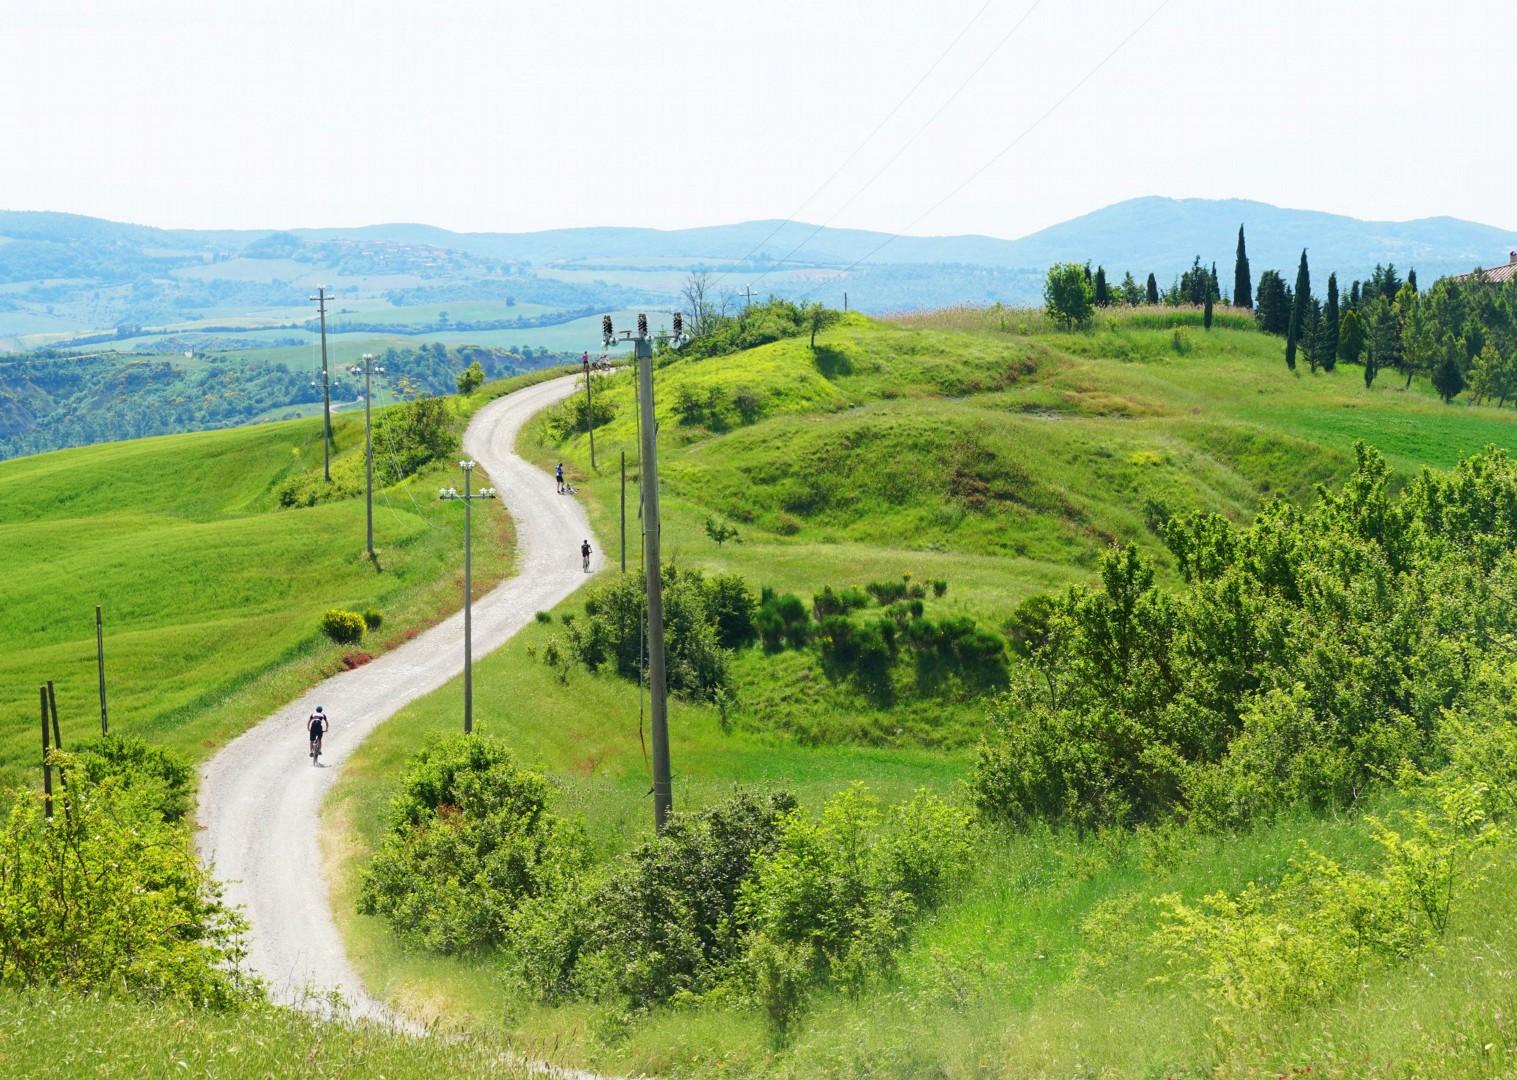 _Holiday.863.18909.jpg - Italy - Via Francigena (Tuscany to Rome) - Guided Mountain Biking Holiday - Italia Mountain Biking